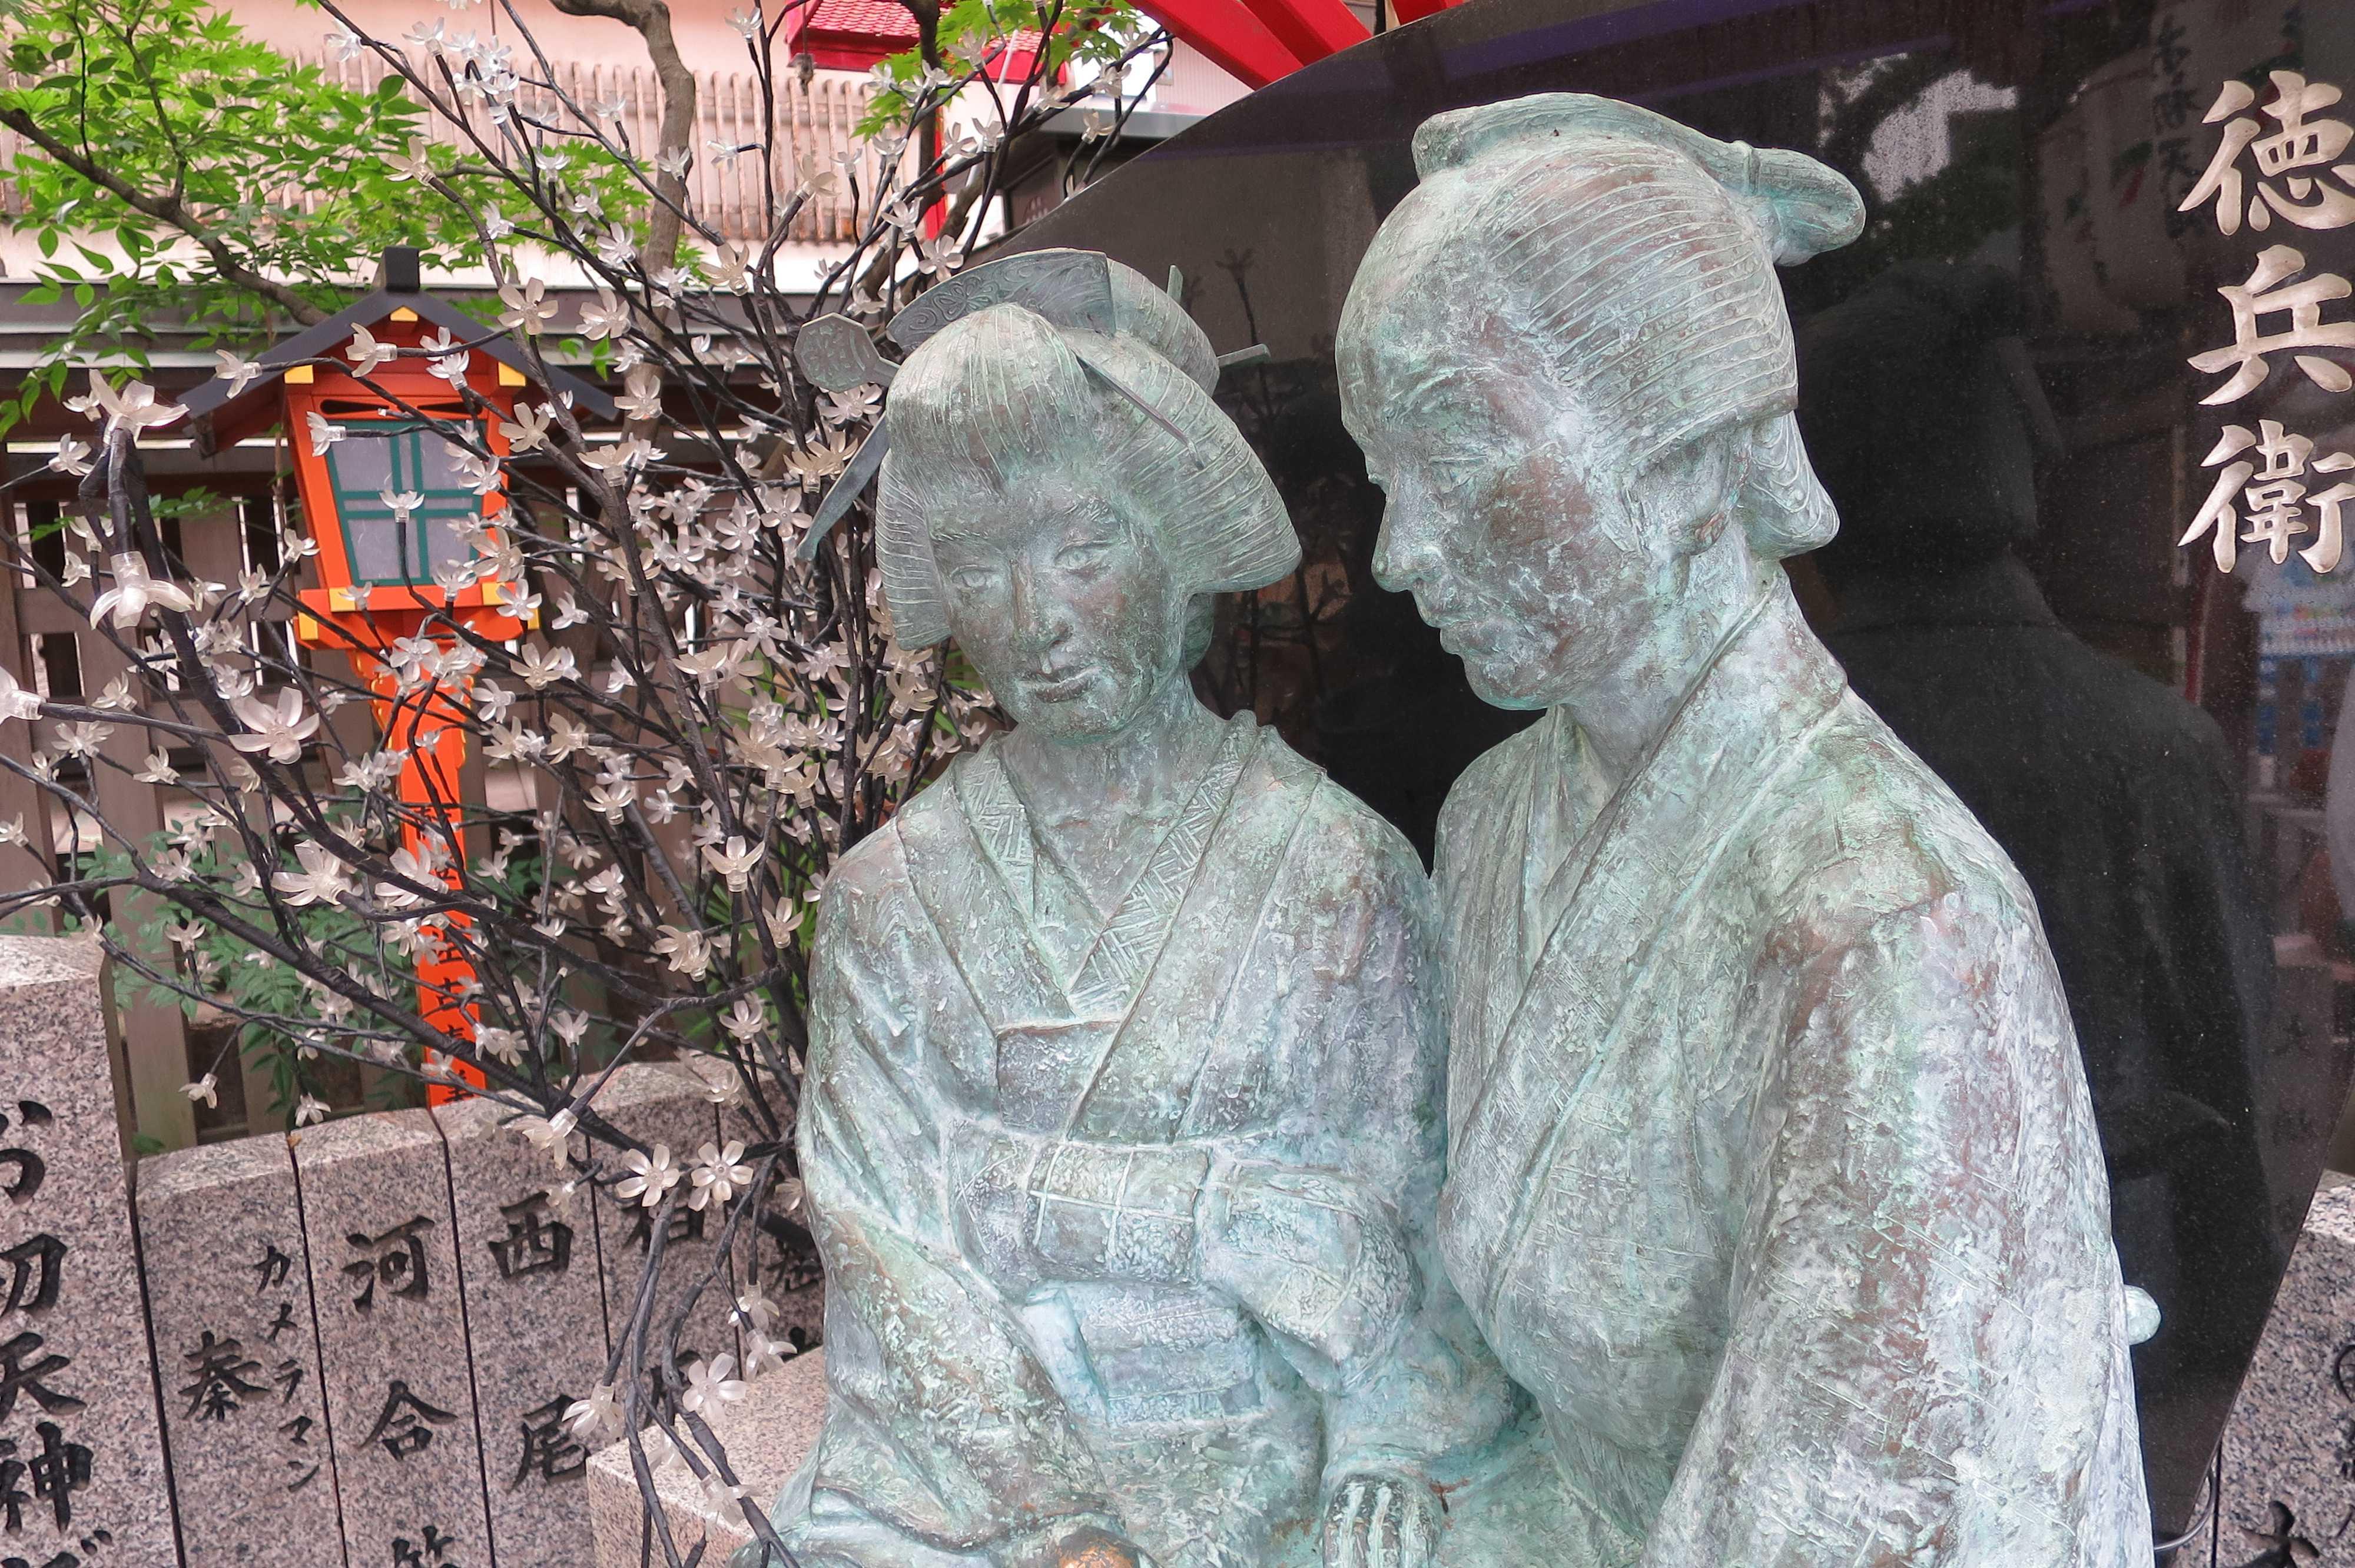 曽根崎心中・お初徳兵衛の銅像(ブロンズ像)